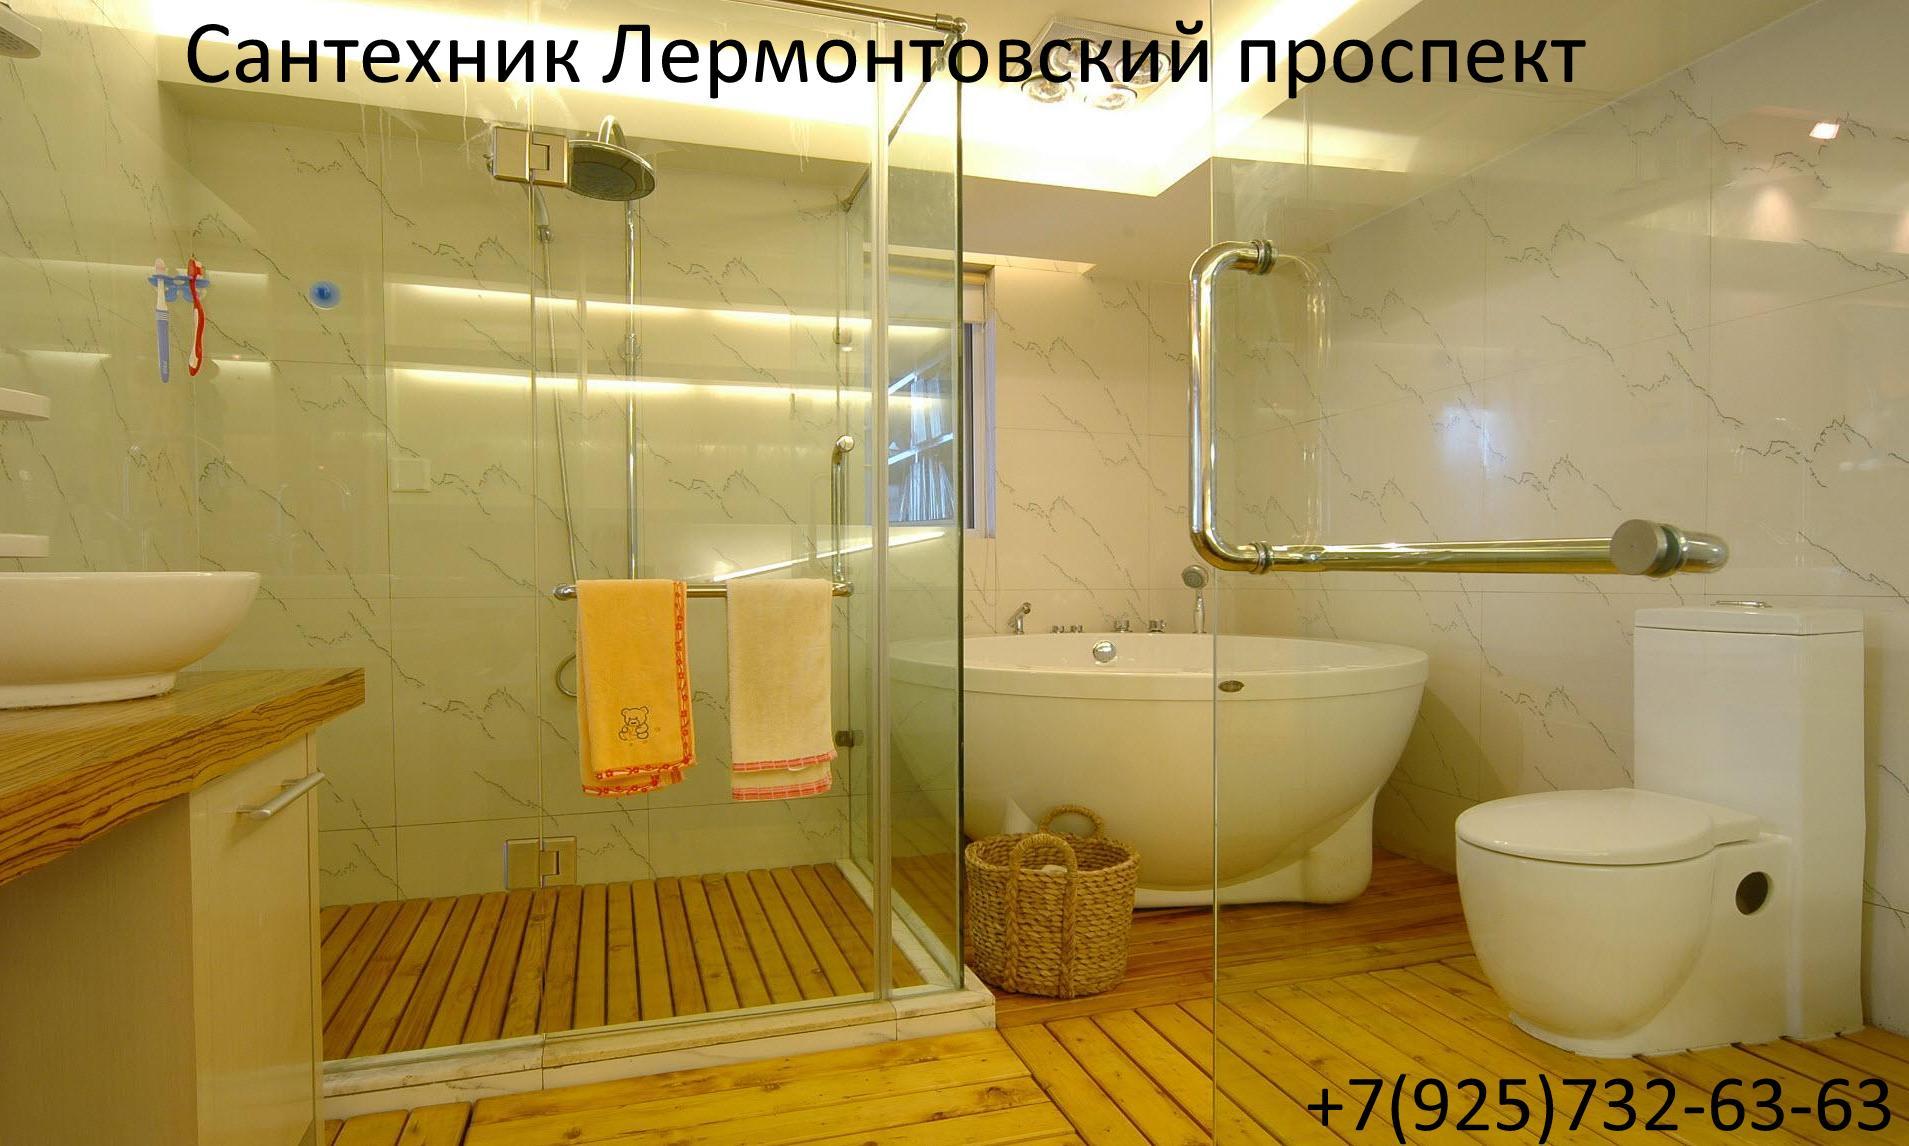 Сантехник Лермонтовский проспект